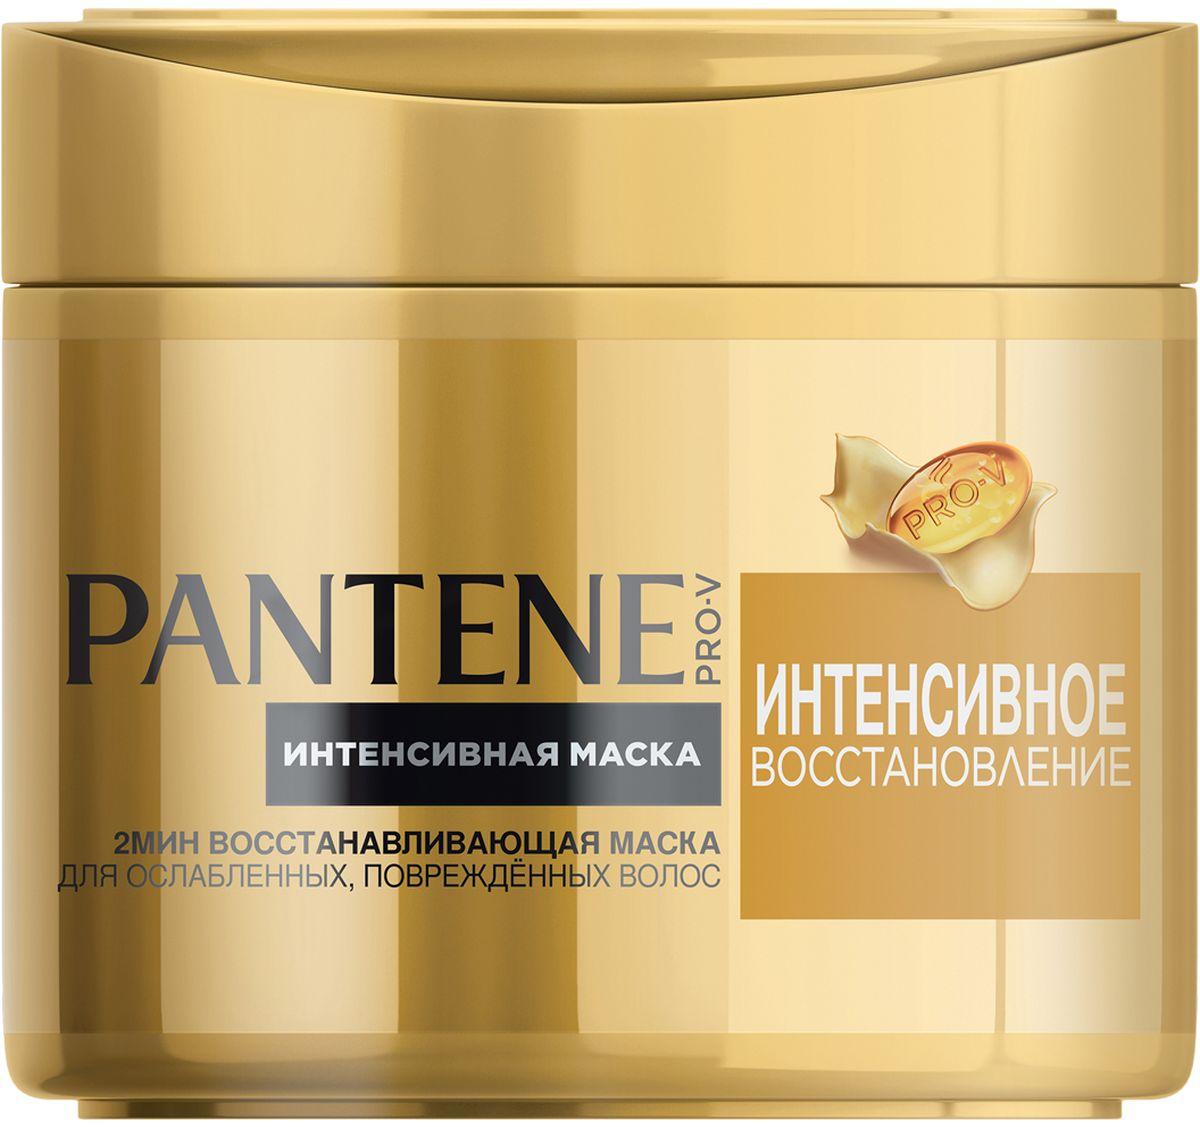 Pantene Pro-V Маска Интенсивное восстановление, 300 мл8001090377296Наше обогащенное восстанавливающее средство для ослабленных и поврежденных волос питает волосы на микроуровне, помогая им удерживать влагу глубоко внутри.